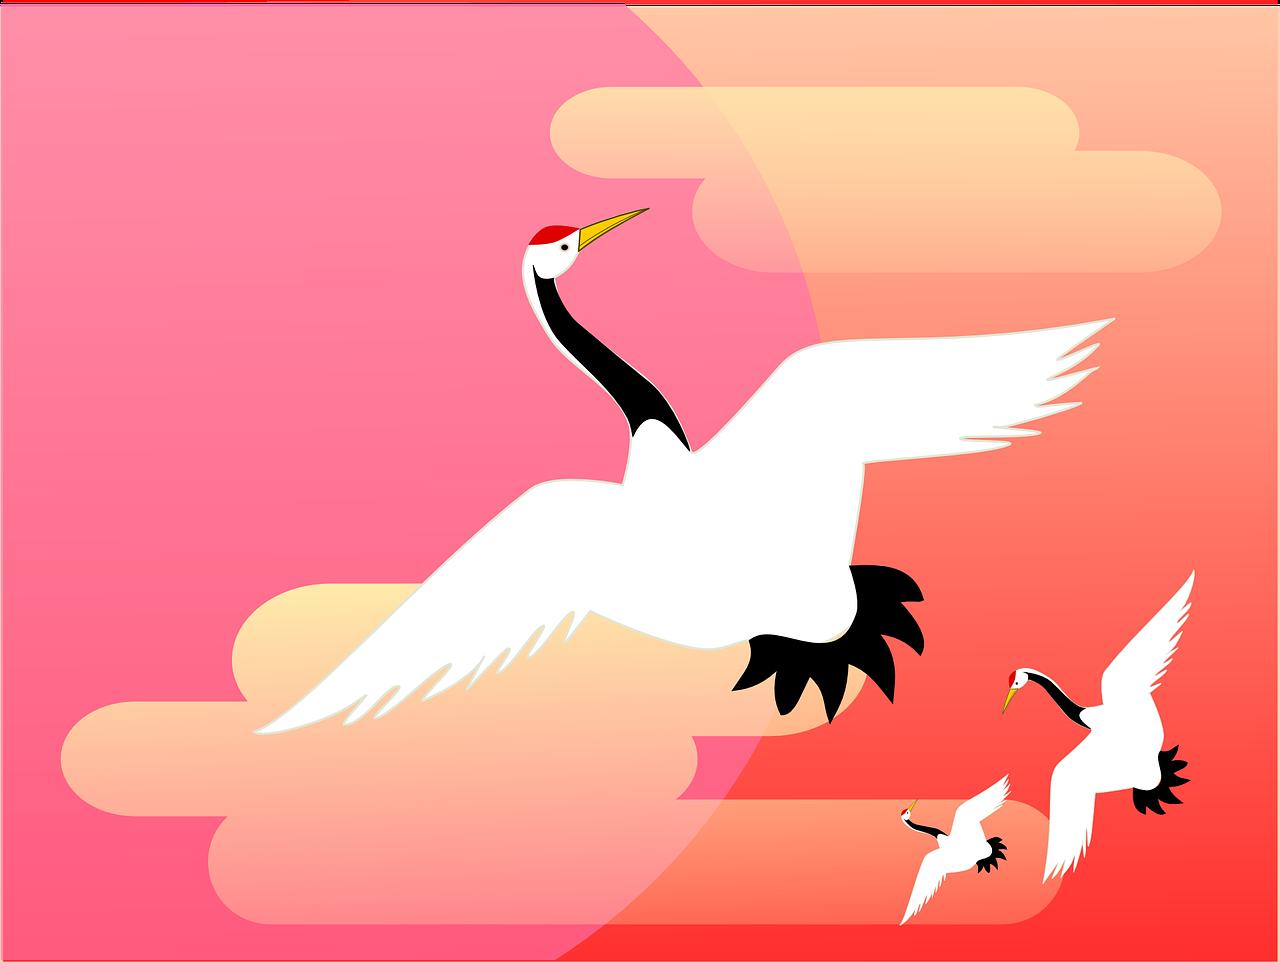 crane-641837_1280